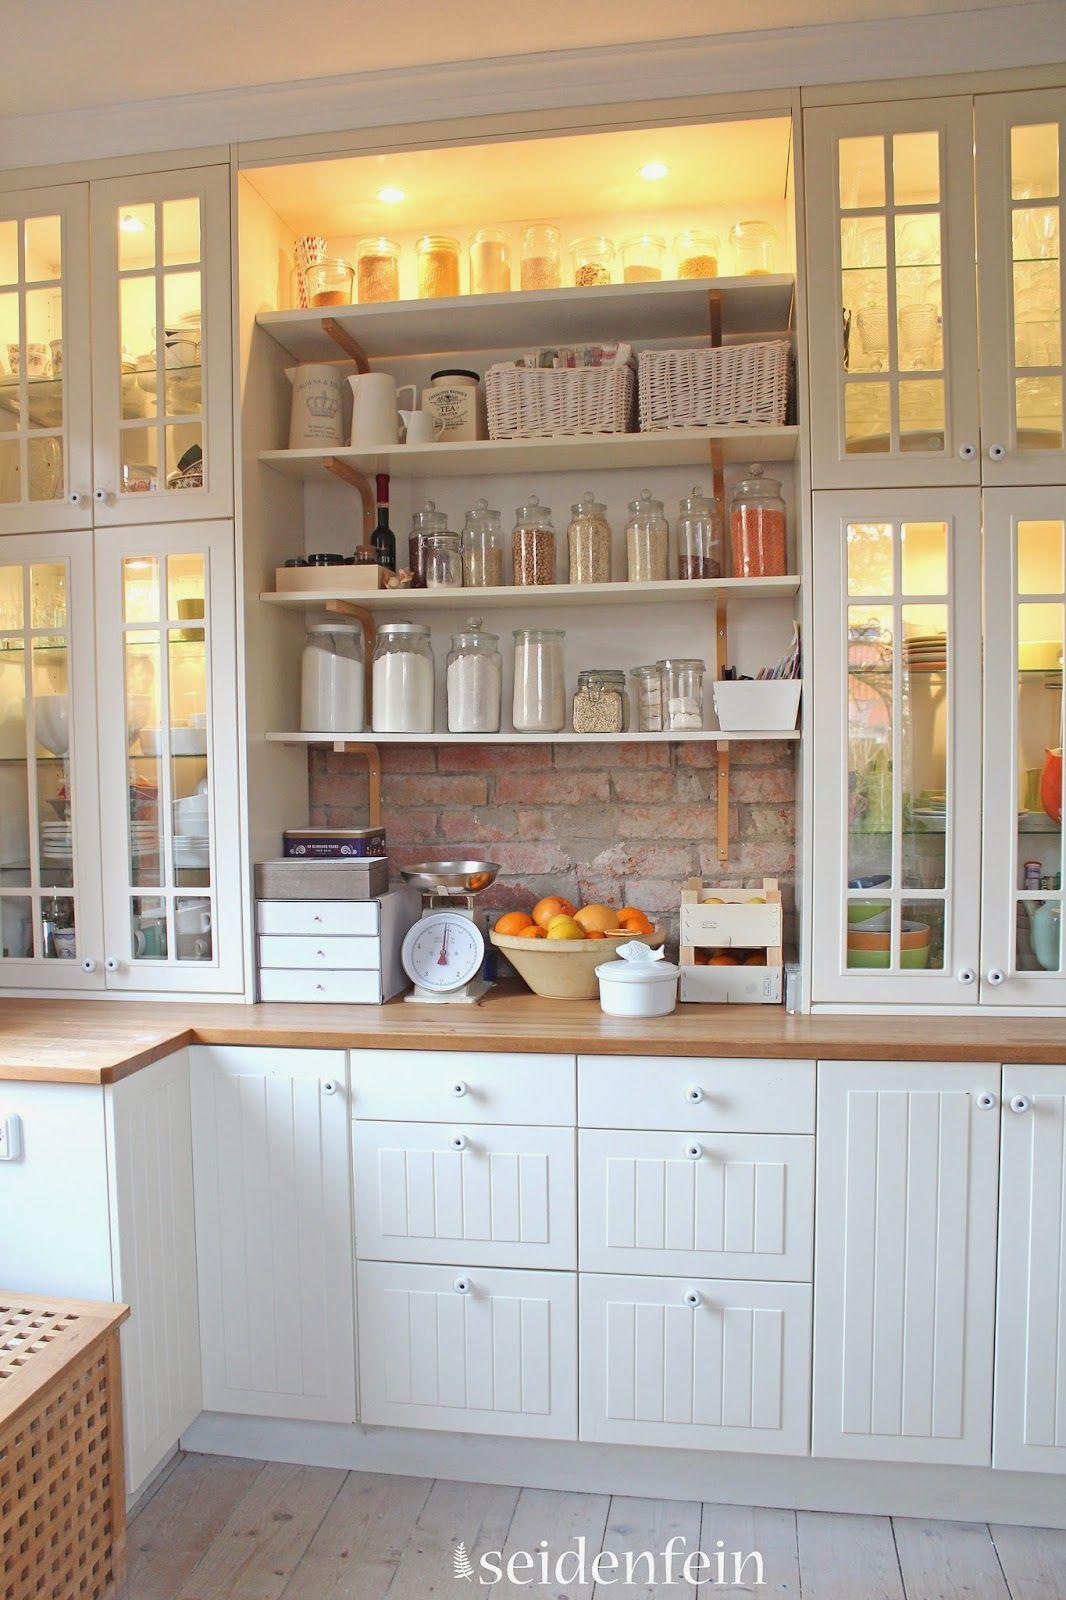 seidenfeins Blog vom schönen Landleben: Küchen make-over * little ...